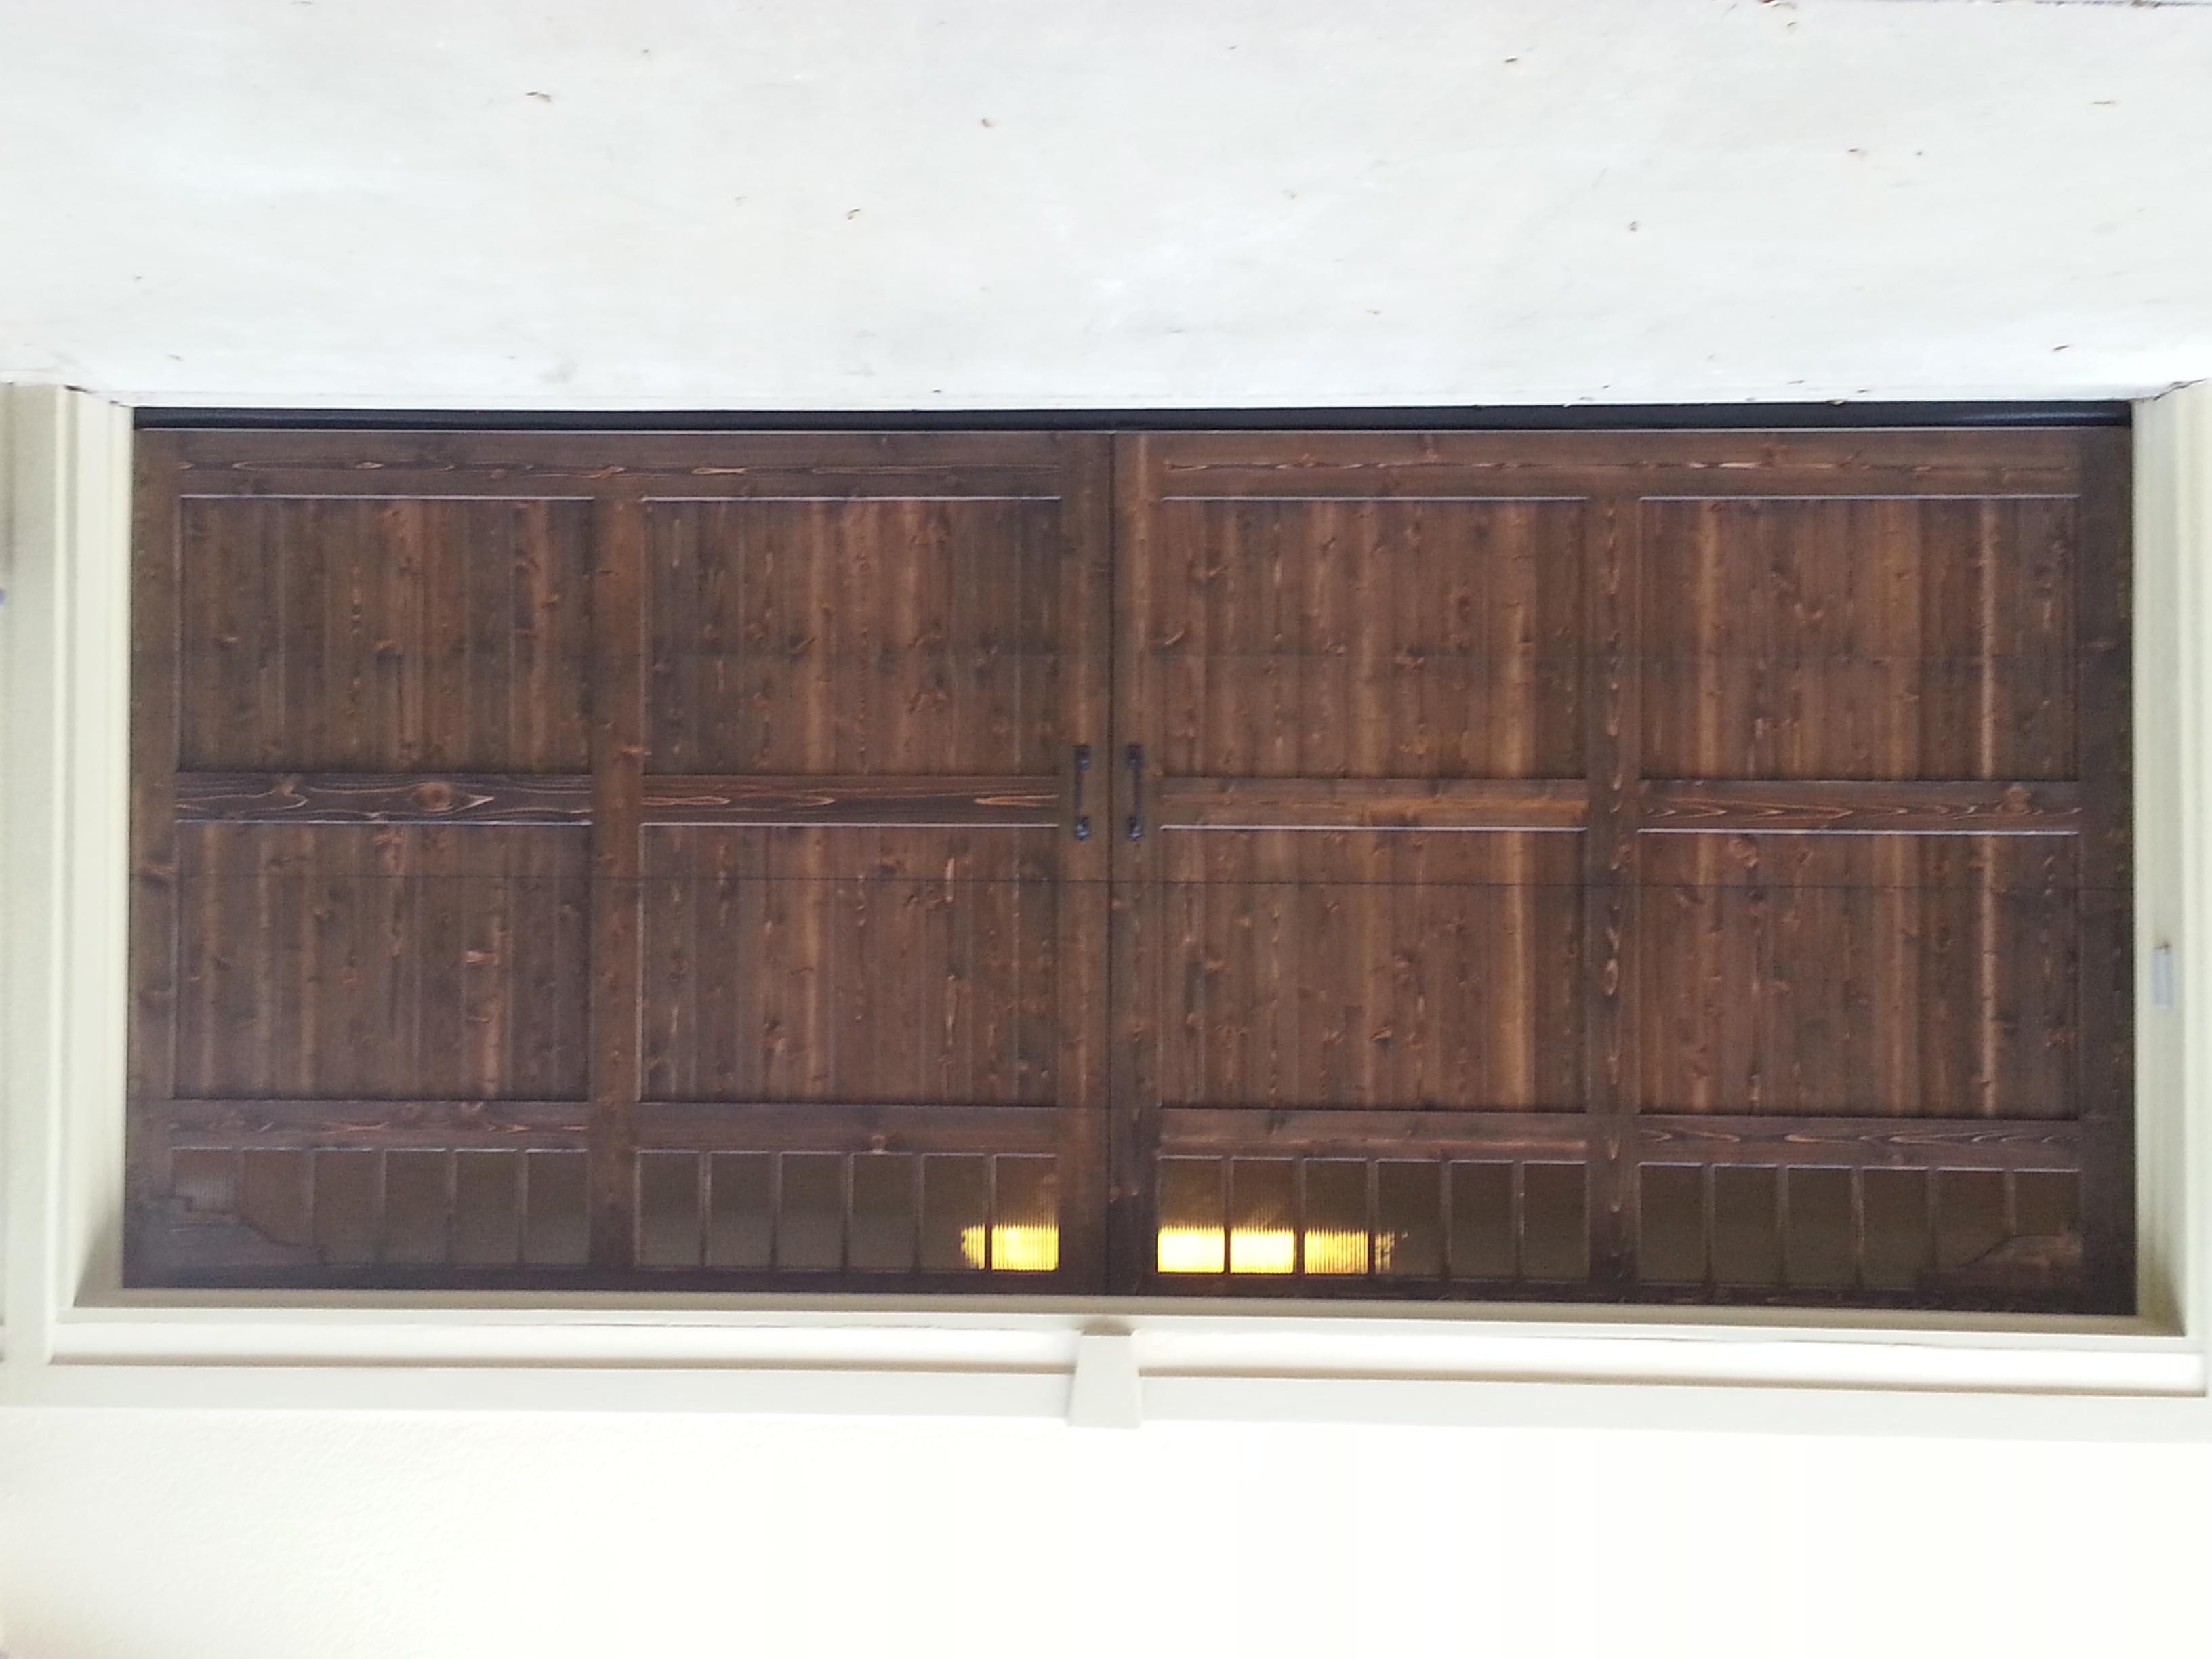 Gallery A1 Garage Doors A1 Garage Door Service And